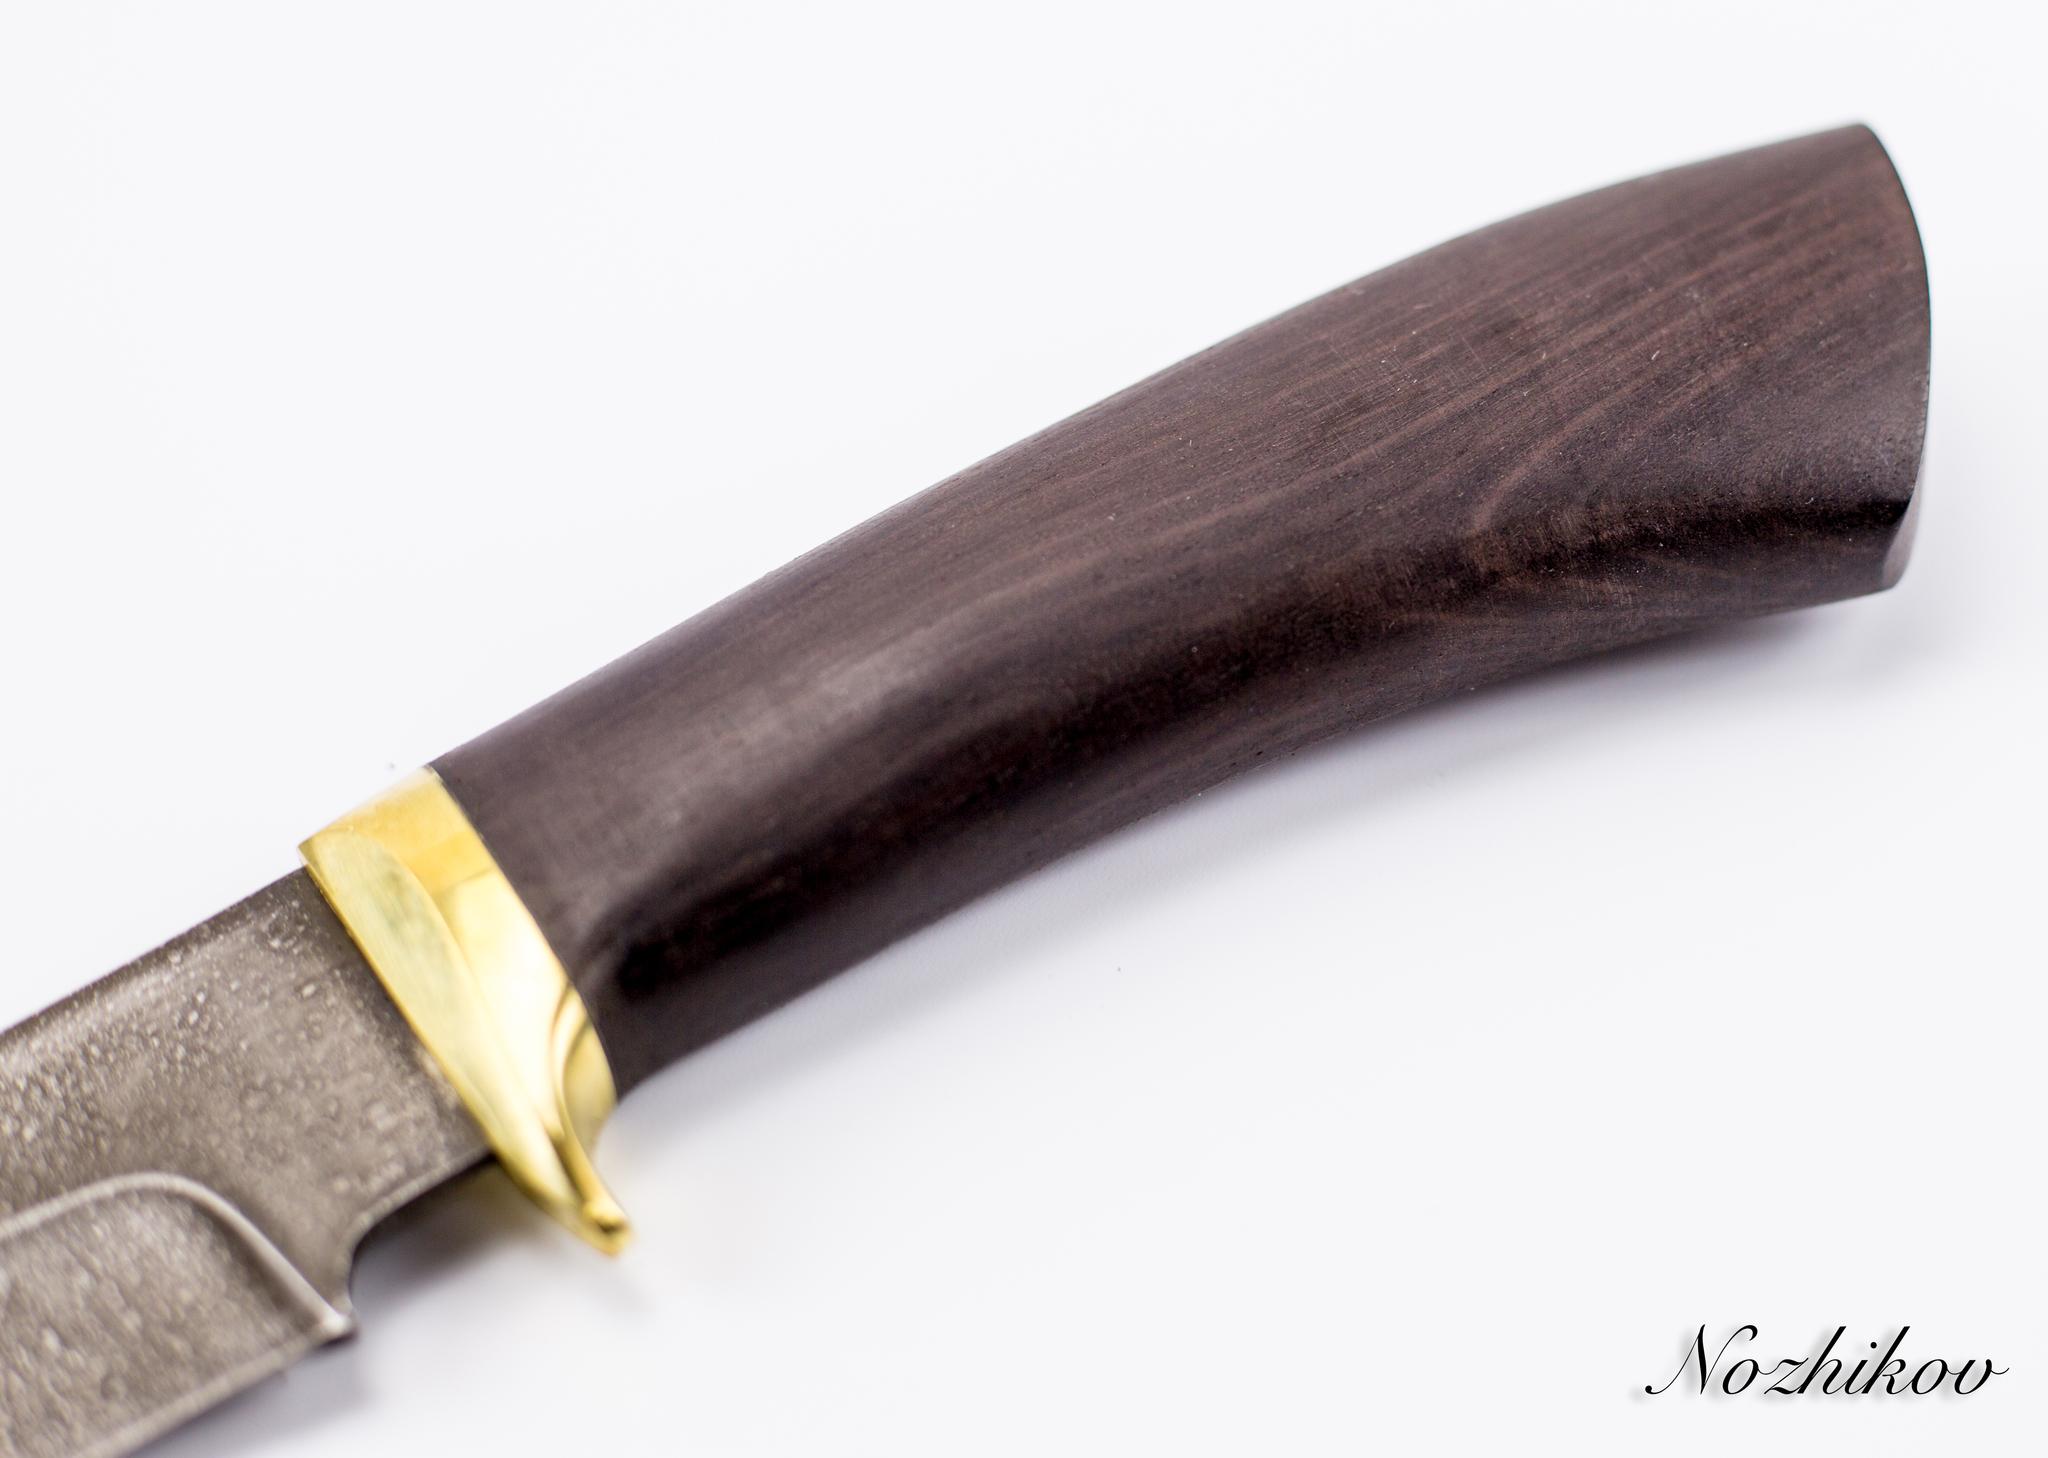 Фото 3 - Нож Хищник-2, сталь ХВ5, граб от Промтехснаб